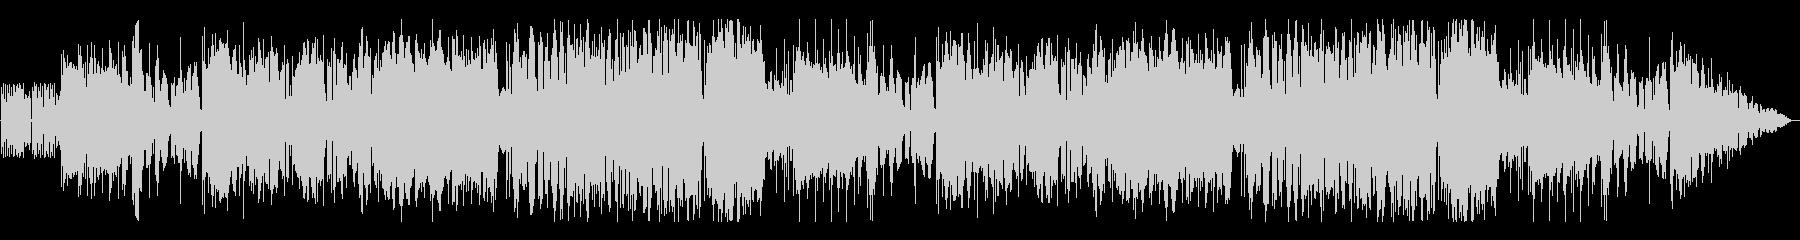 オーケストラロックな戦闘BGMの未再生の波形